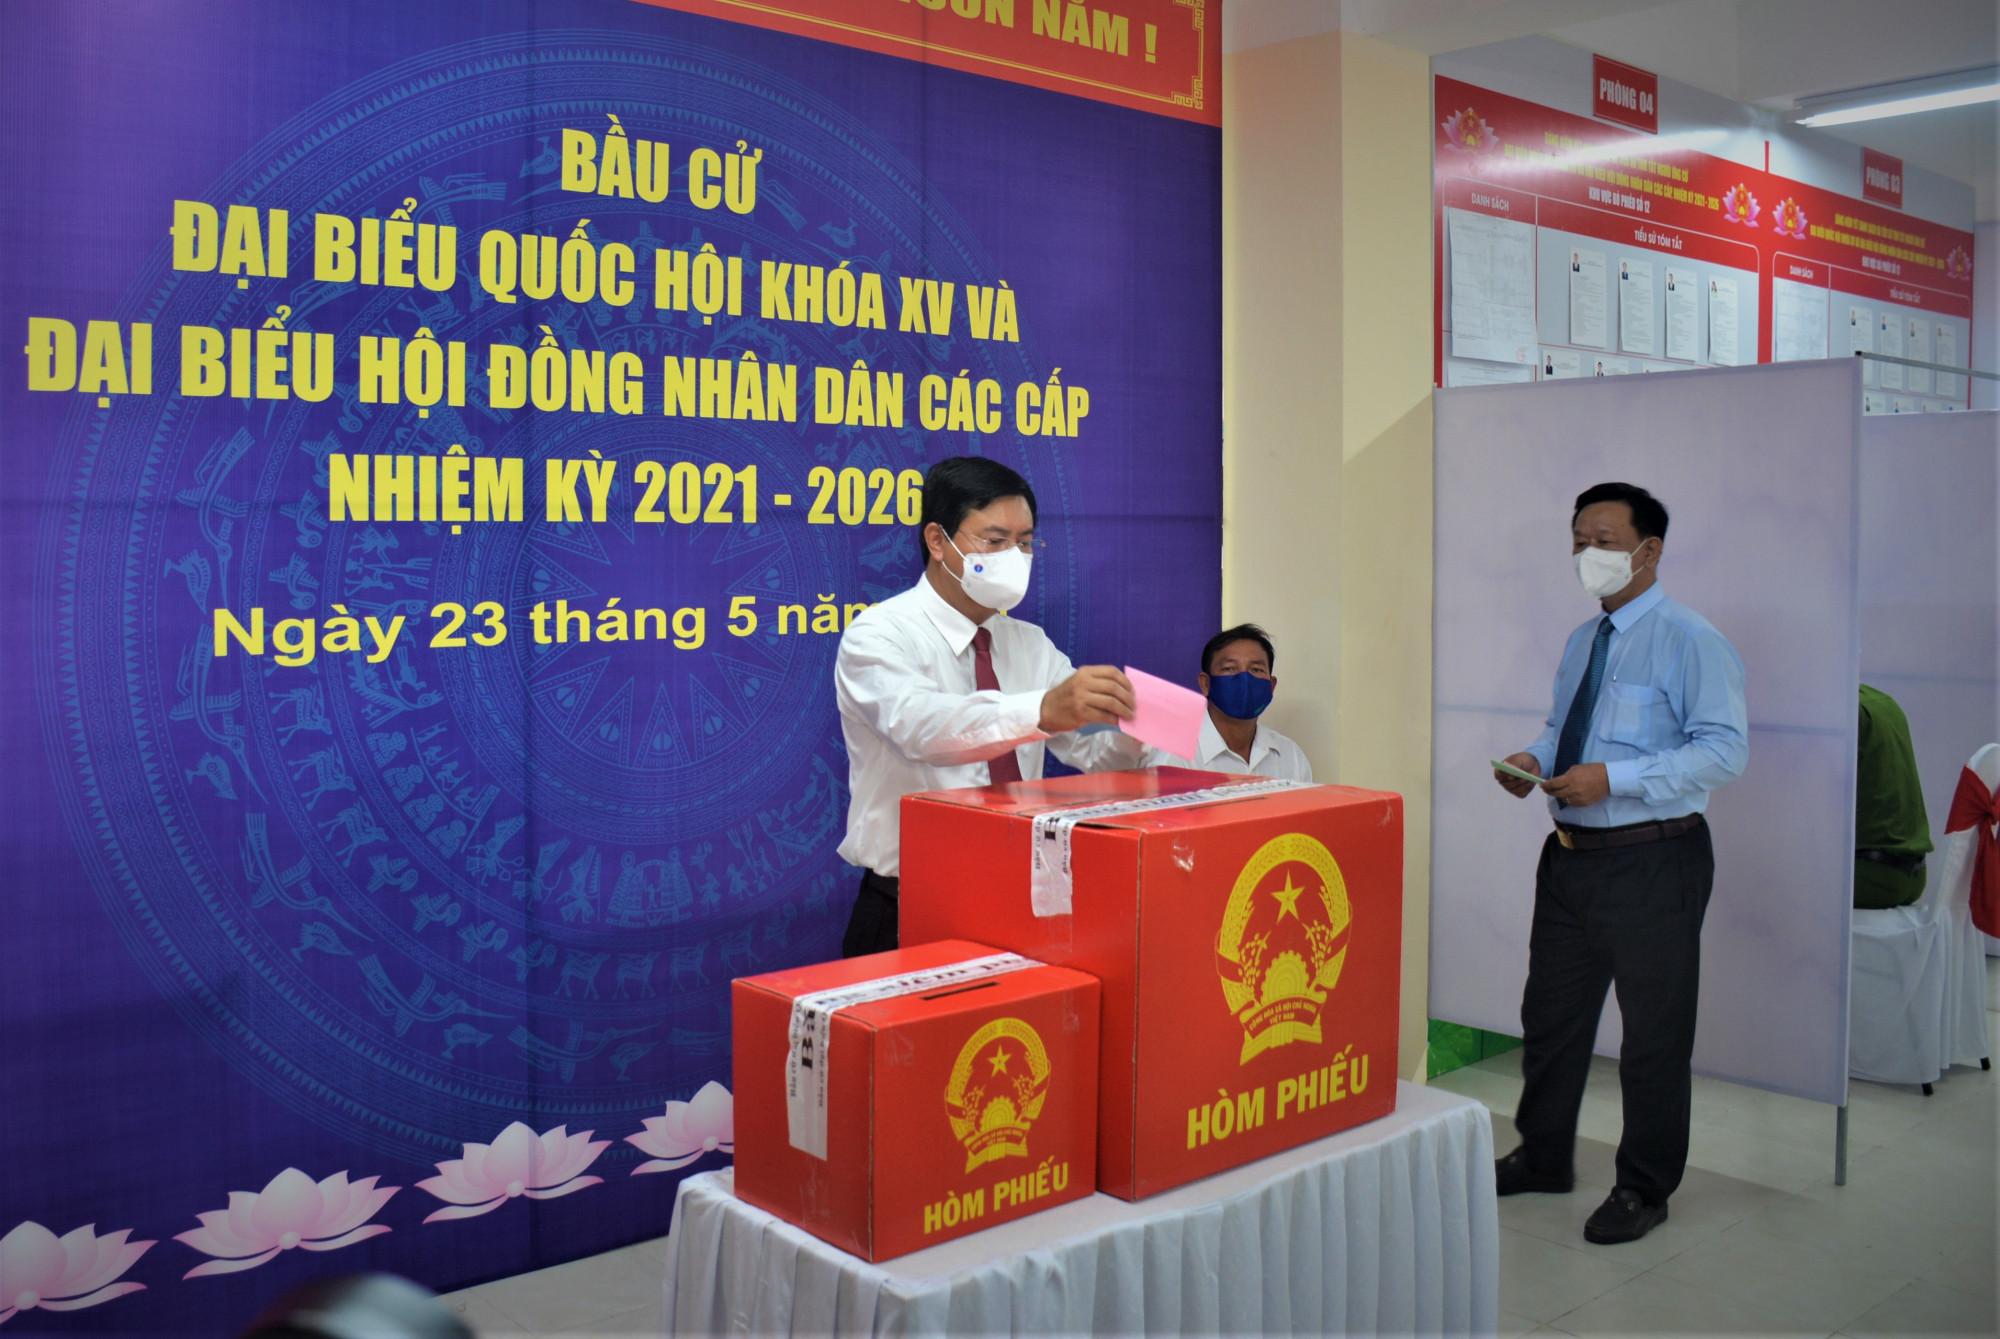 Ông Nguyễn Tiến Hải, Ủy viên Ban Chấp hành Trung ương Đảng, Bí Thư Tỉnh ủy Cà Mau, bỏ phiếu bầu cử tại Khu vực bỏ phiếu số 12, cột cờ Hà Nội tại Mũi Cà Mau.